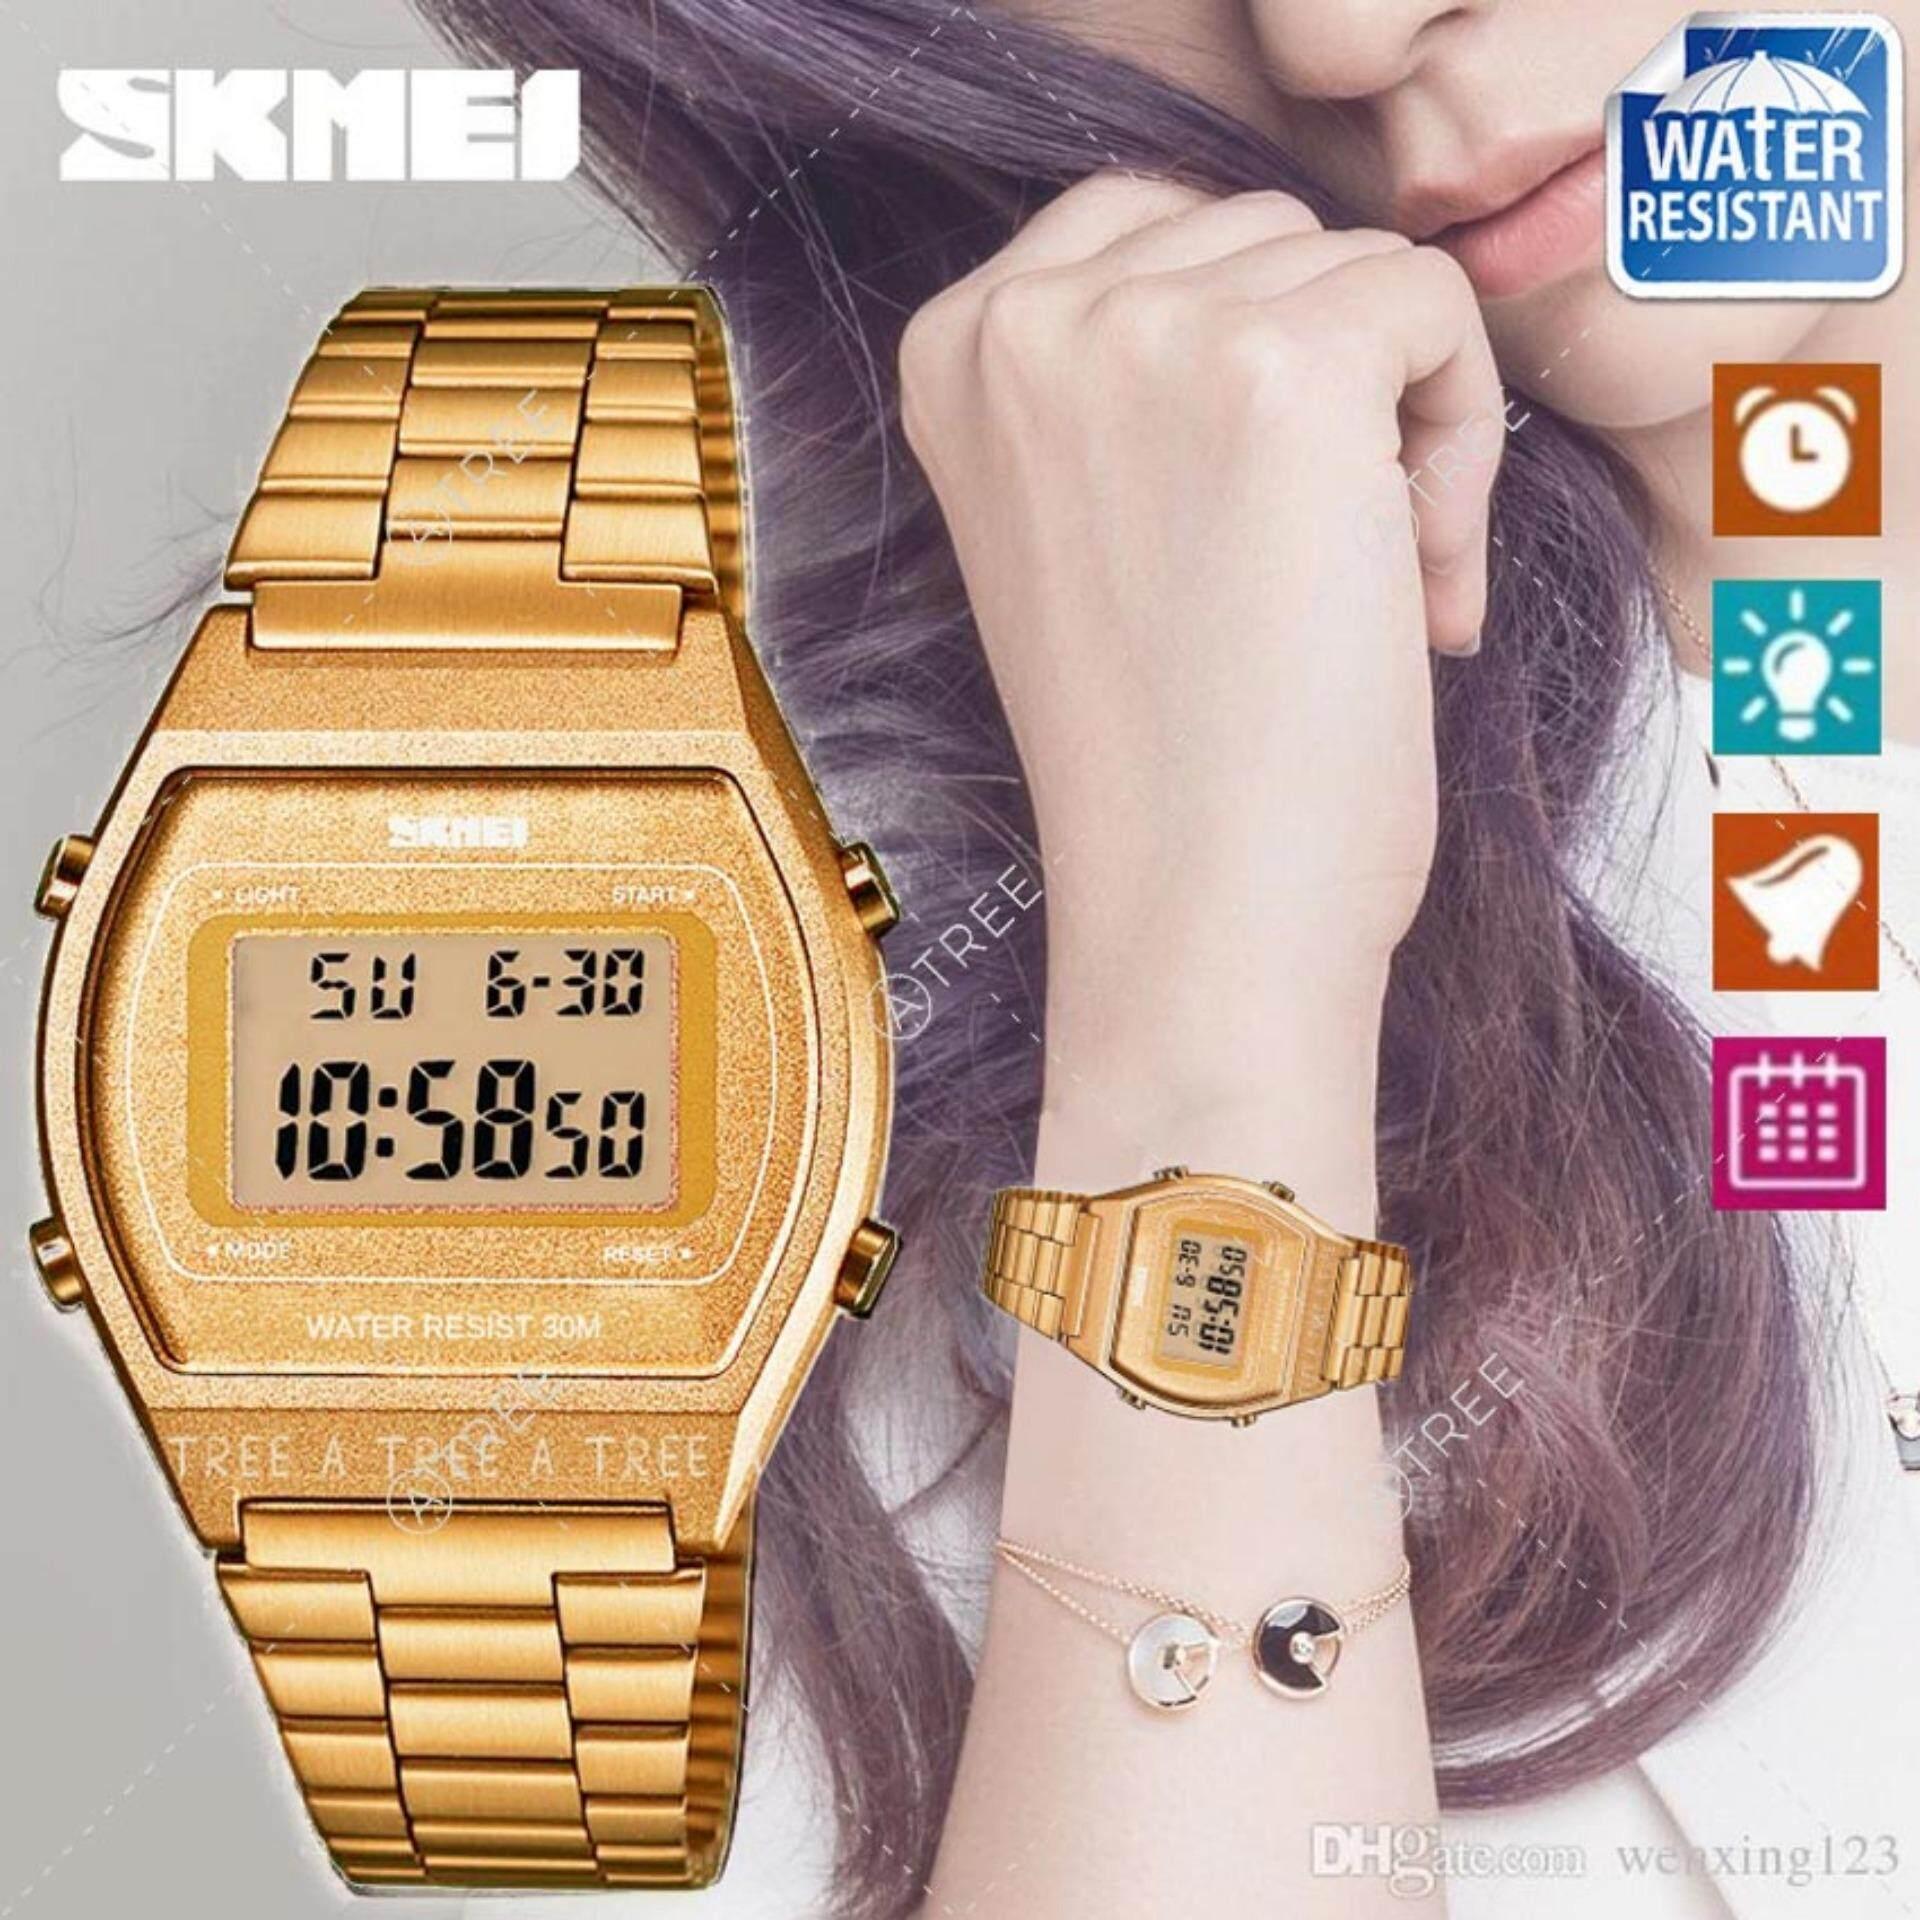 Skmei ของแท้ 100 ส่งในไทยไวแน่นอน นาฬิกาข้อมือผู้หญิง สไตล์ Casual Bussiness Watch จับเวลา ตั้งปลุกได้ ไฟ Led ส่องสว่าง สายแสตนเลสสีพิ้งโกลด์ รุ่น Sk M1328 สีทอง Gold ใน กรุงเทพมหานคร